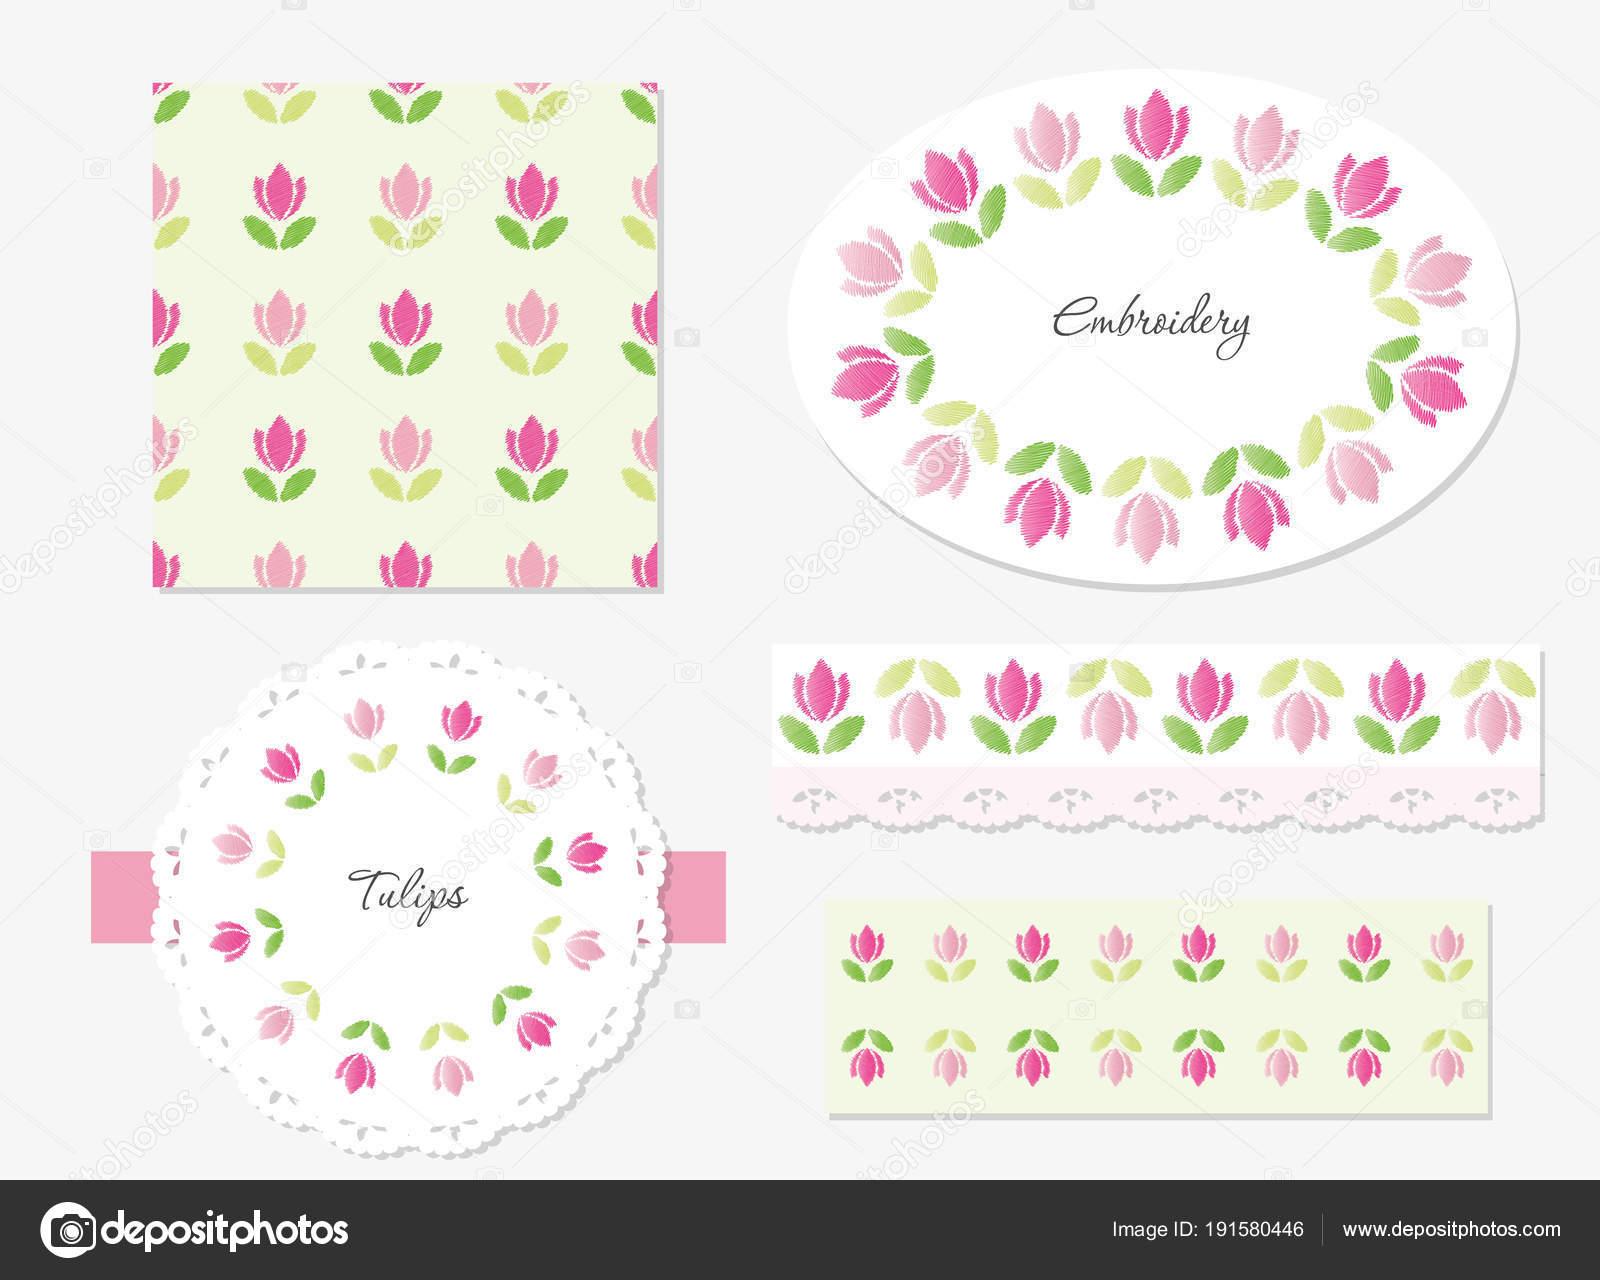 Conjunto de elementos decorativos florales bordado — Archivo ...